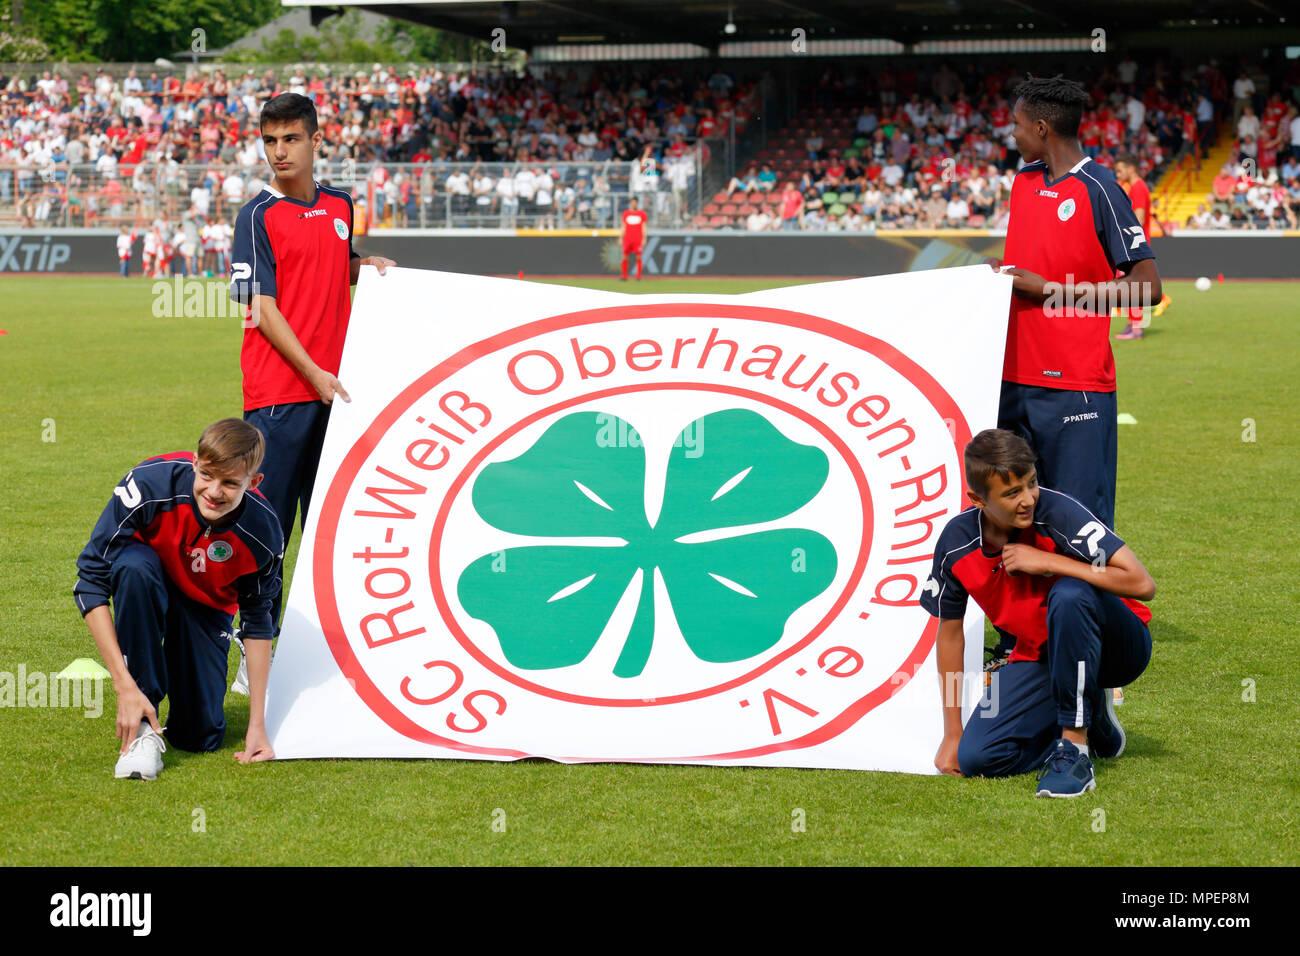 sports, football, Lower Rhine Cup, 2017/2018, final, Rot-Weiss Oberhausen vs Rot Weiss Essen 2:1, Stadium Niederrhein Oberhausen, four boys present a banner showing the club logo of Rot-Weiss Oberhausen - Stock Image